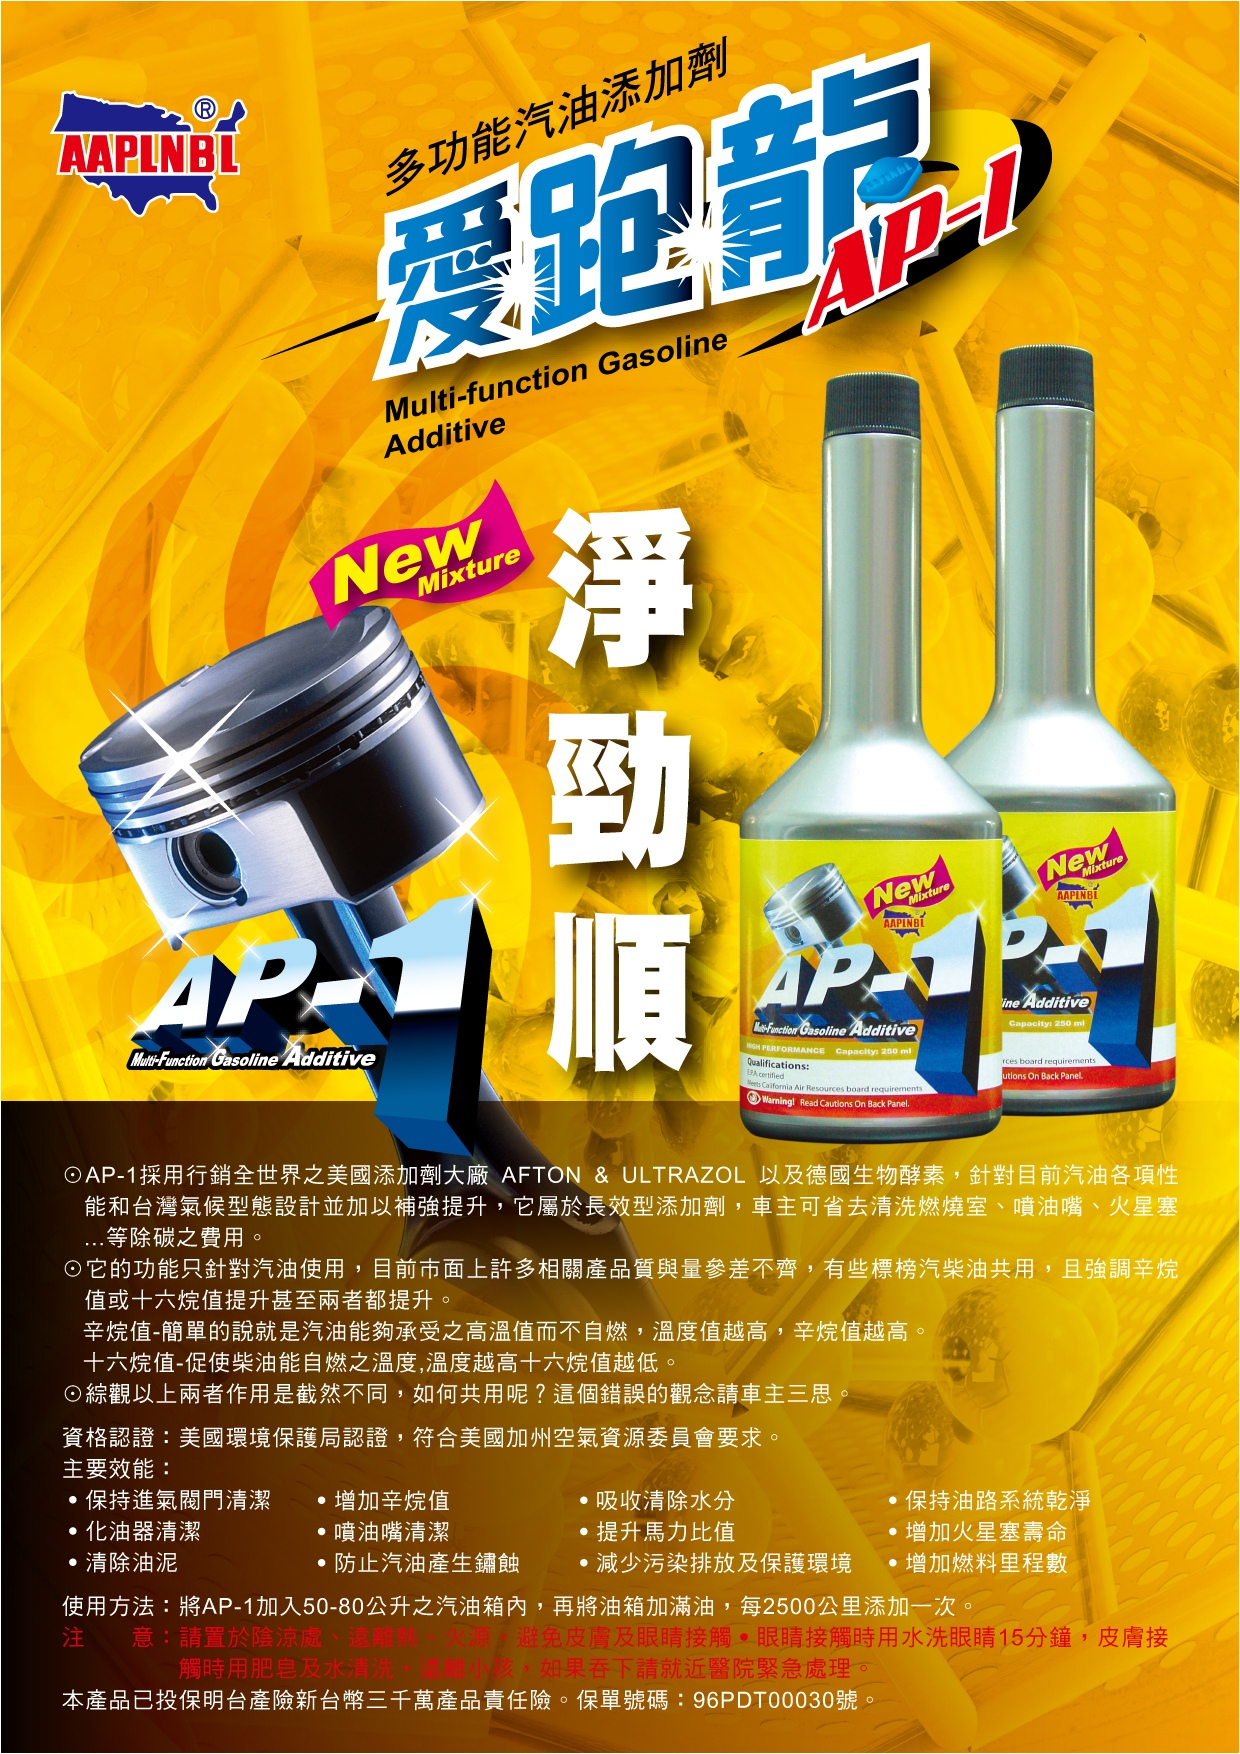 多功能汽油添加劑,愛跑龍,AP-1 (正面)